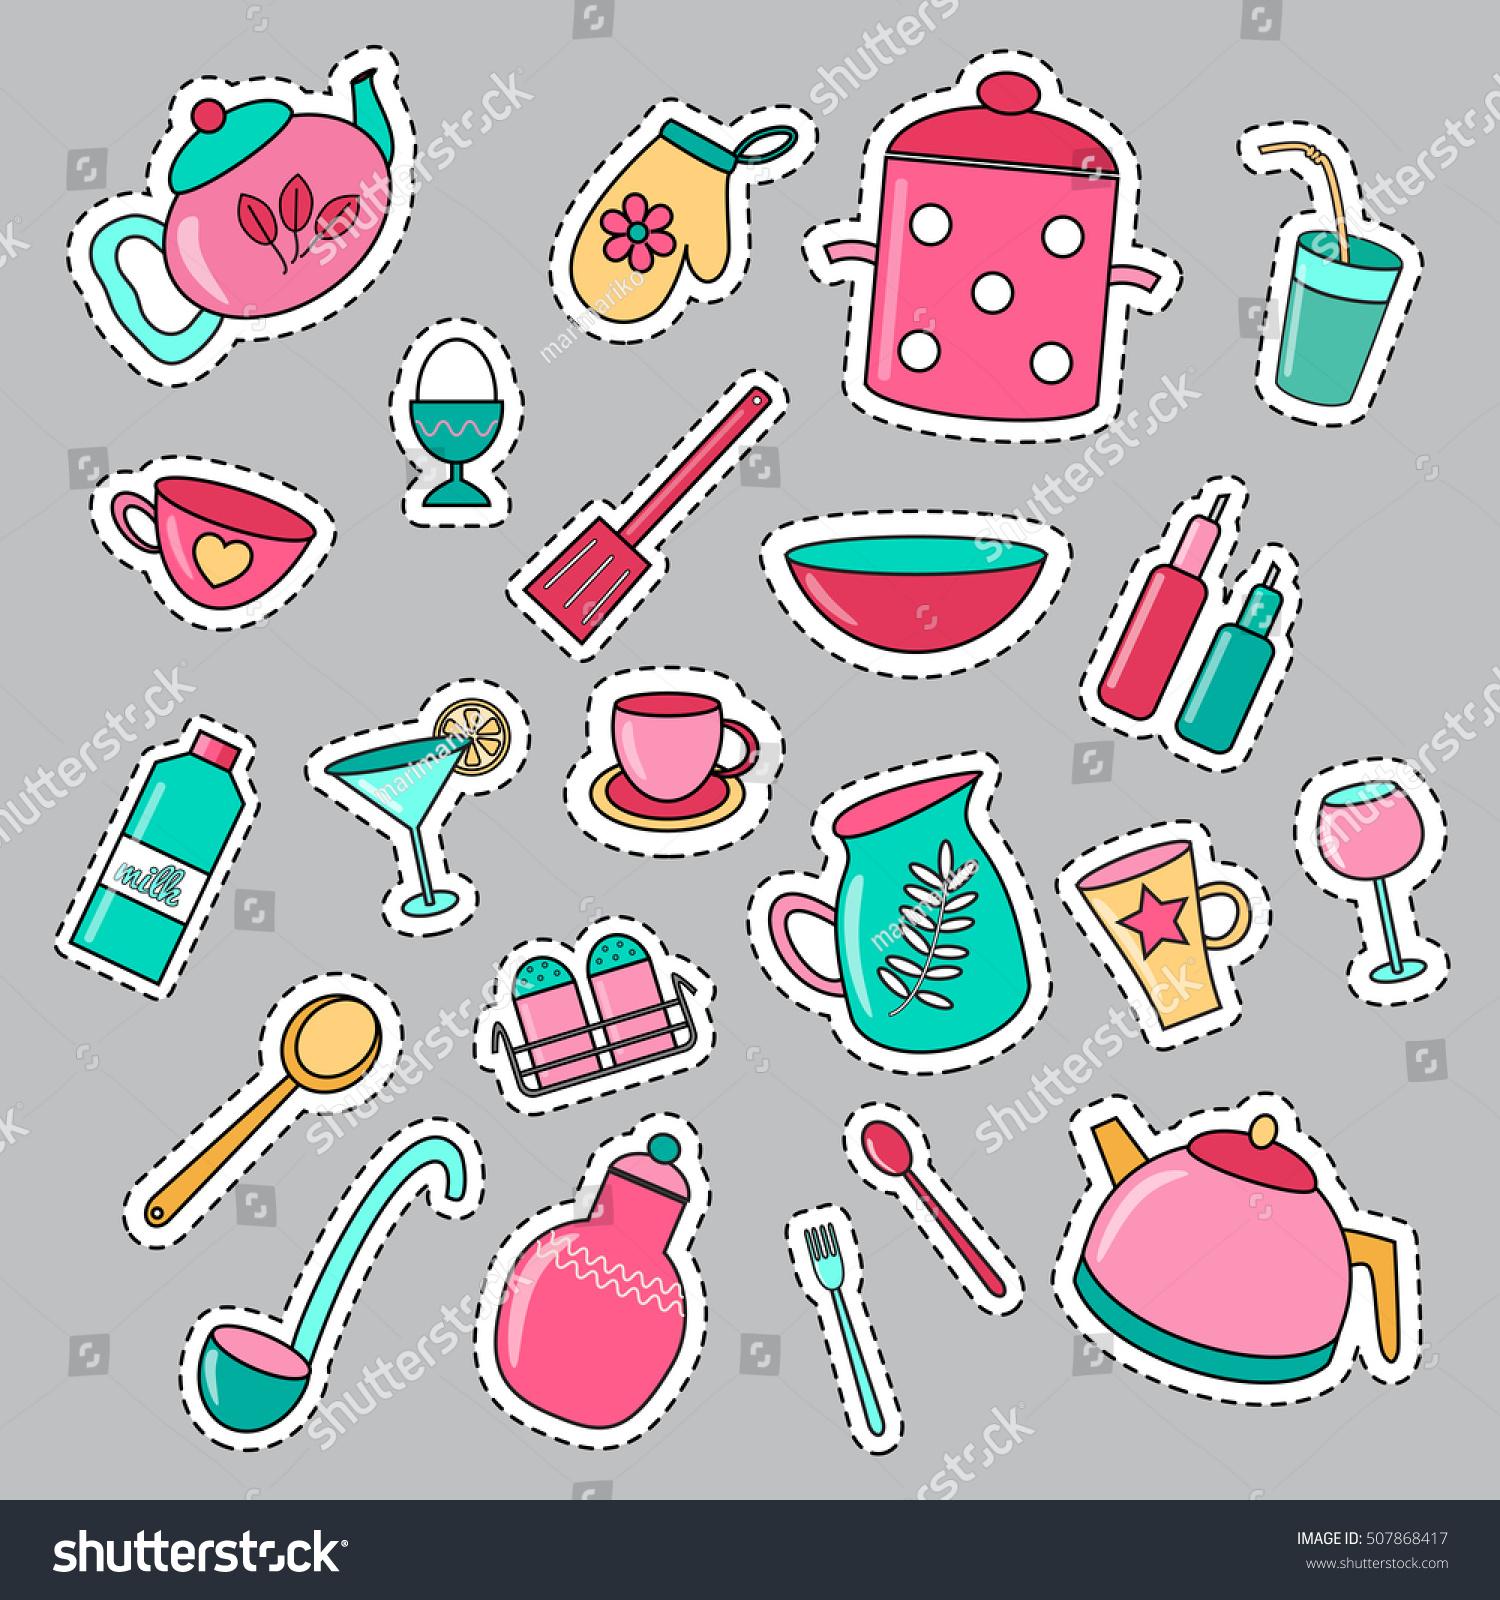 Suchen Sie Nach Set Cartoon Patch Badges Kitchen Utensils Stockbildern In Hd Und Millionen Weiteren Lizenzfreien Stockfotos Illustrationen Und Vektorgrafiken In Der Shutterstock Kollektion Jeden Tag Werden Tausende Neue Hochwertige Bilder